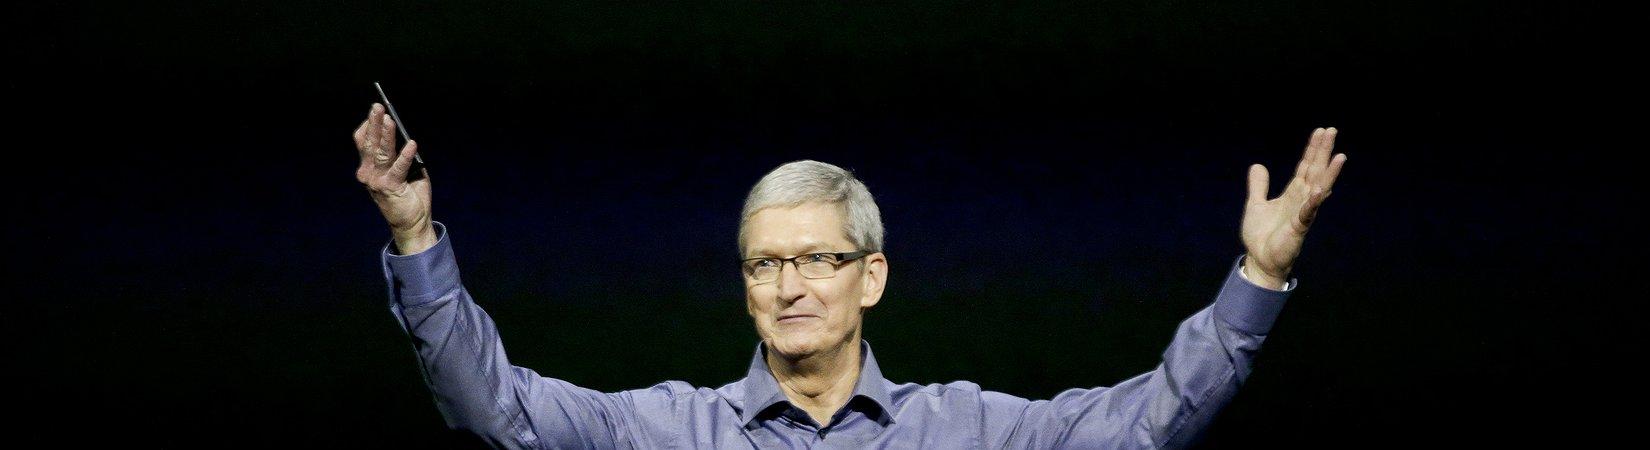 La capitalizzazione di Apple supera i 900 miliardi di dollari